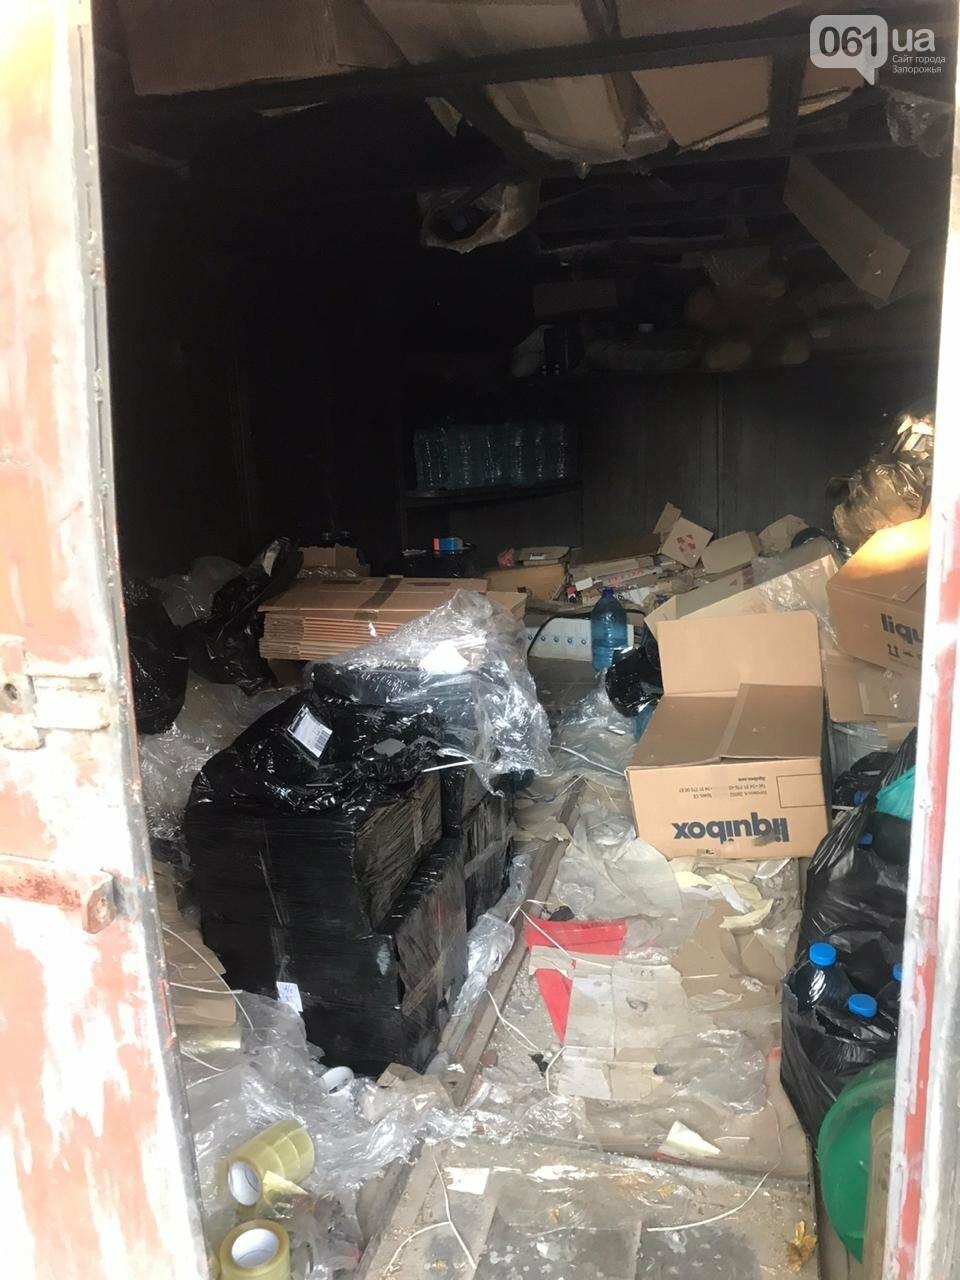 В Запорожской области обнаружили 2,5 тонны фальсифицированного алкоголя, фото-8